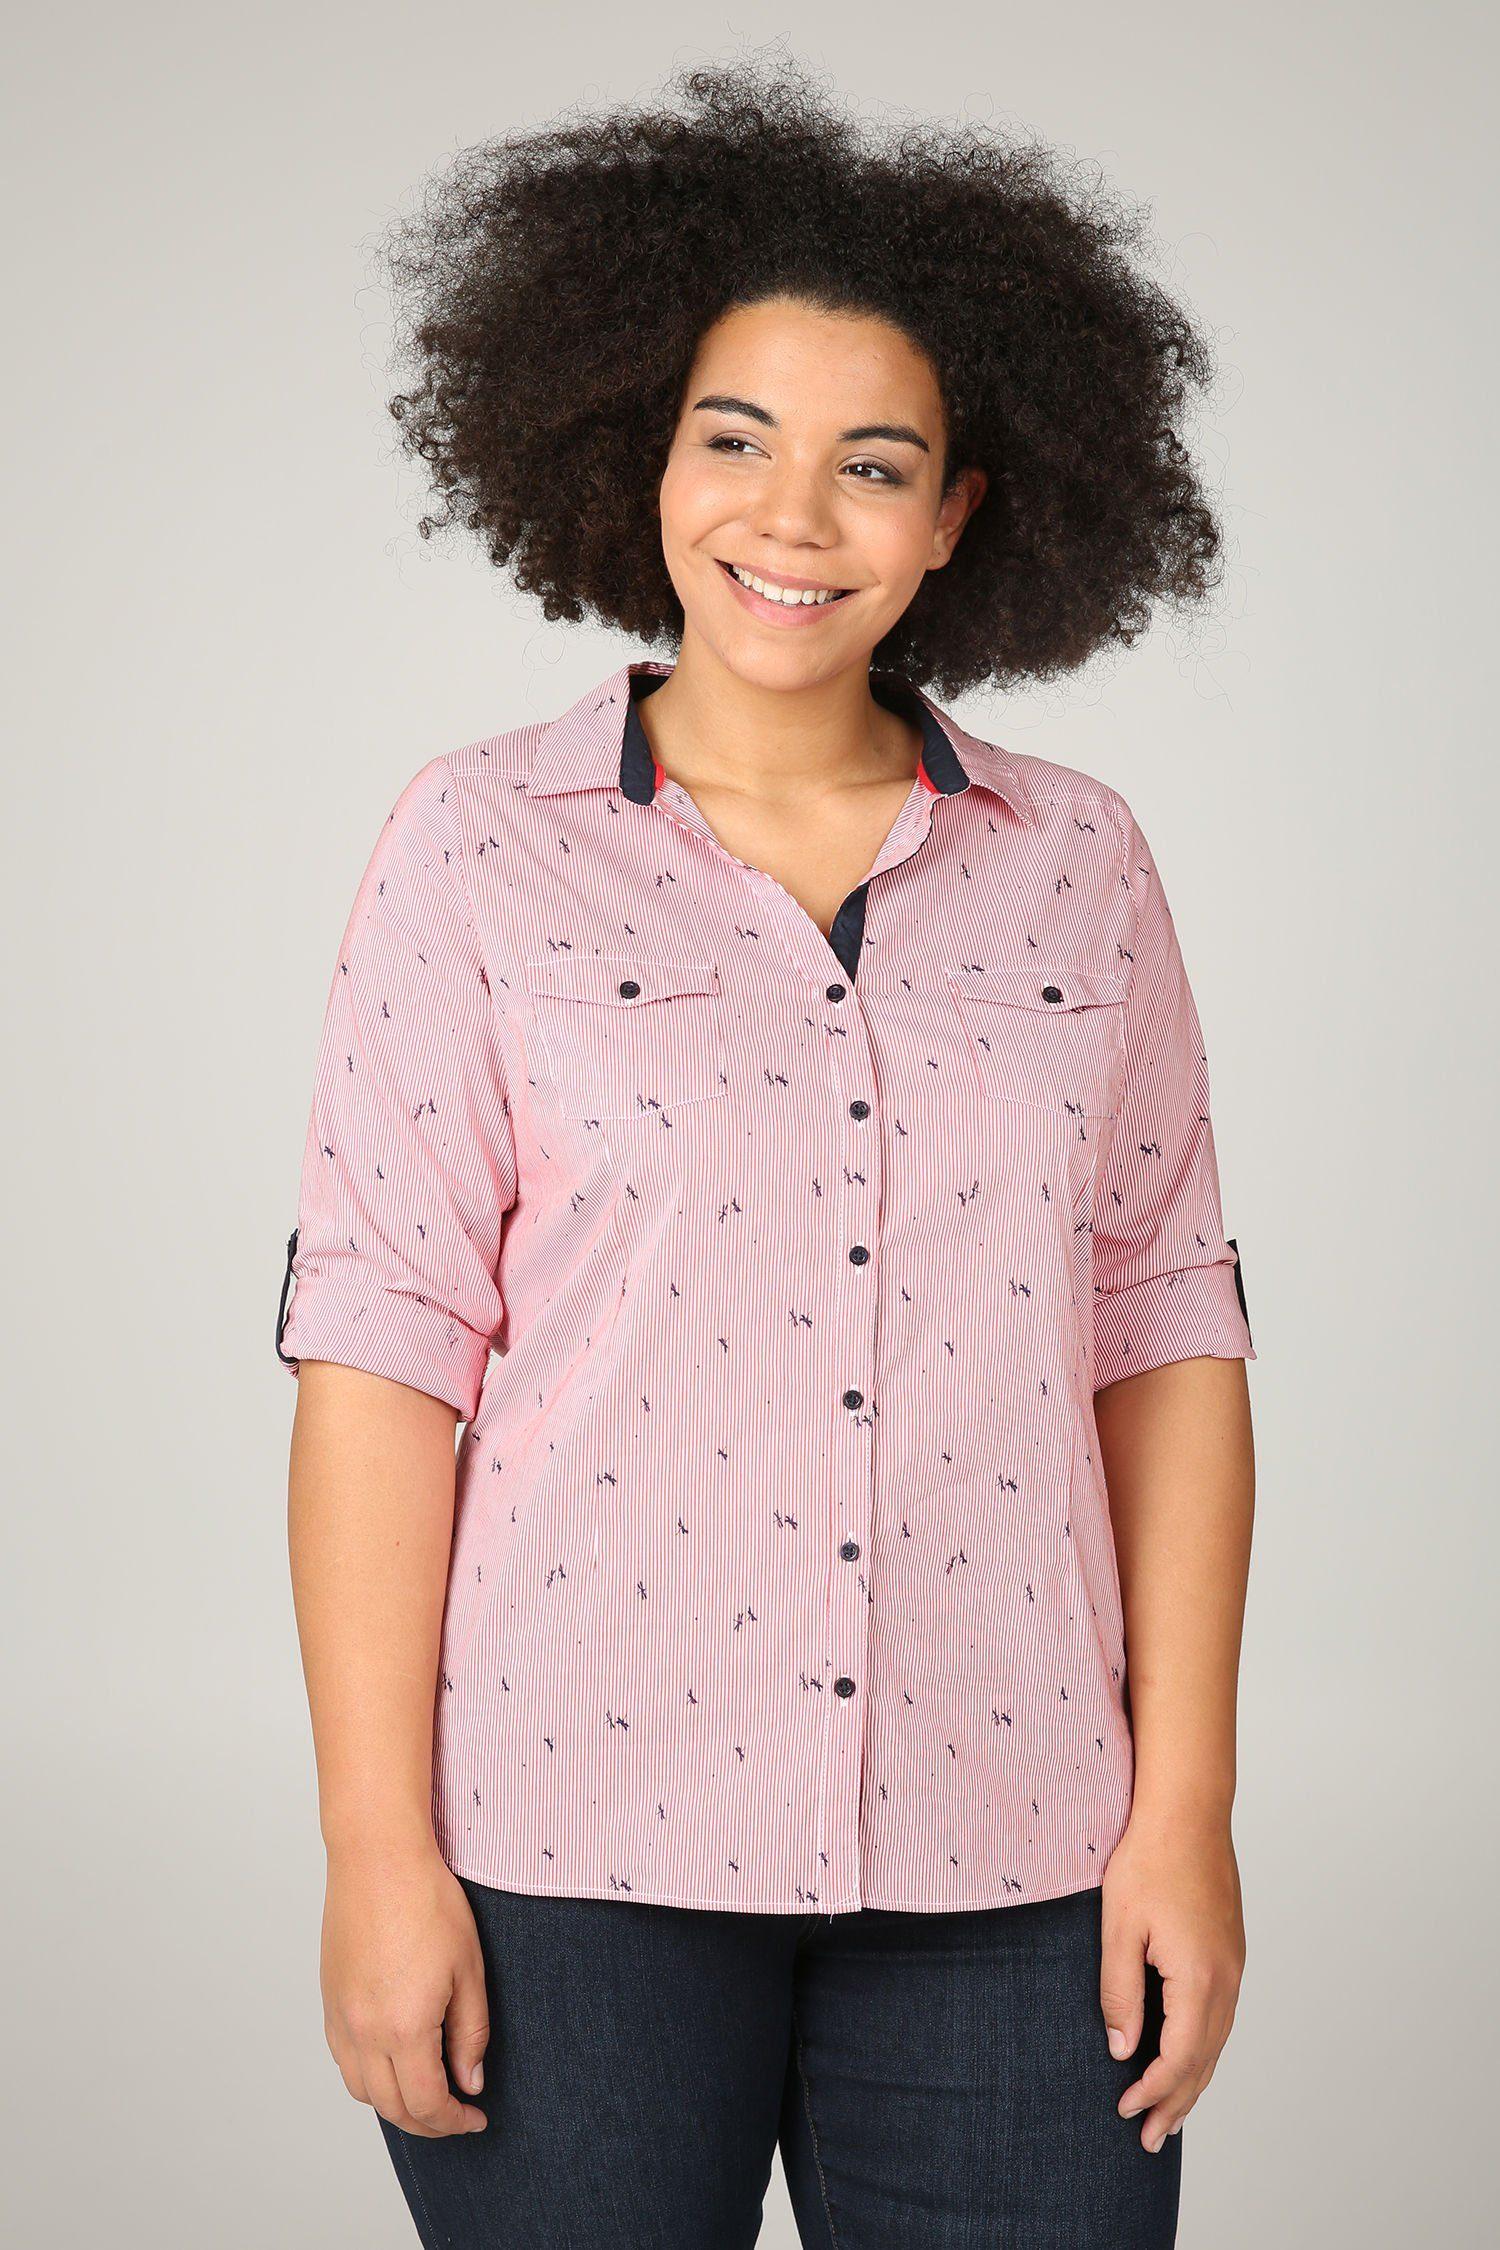 Paprika Druckbluse Bluse mit Streifen- und Libellen-Print